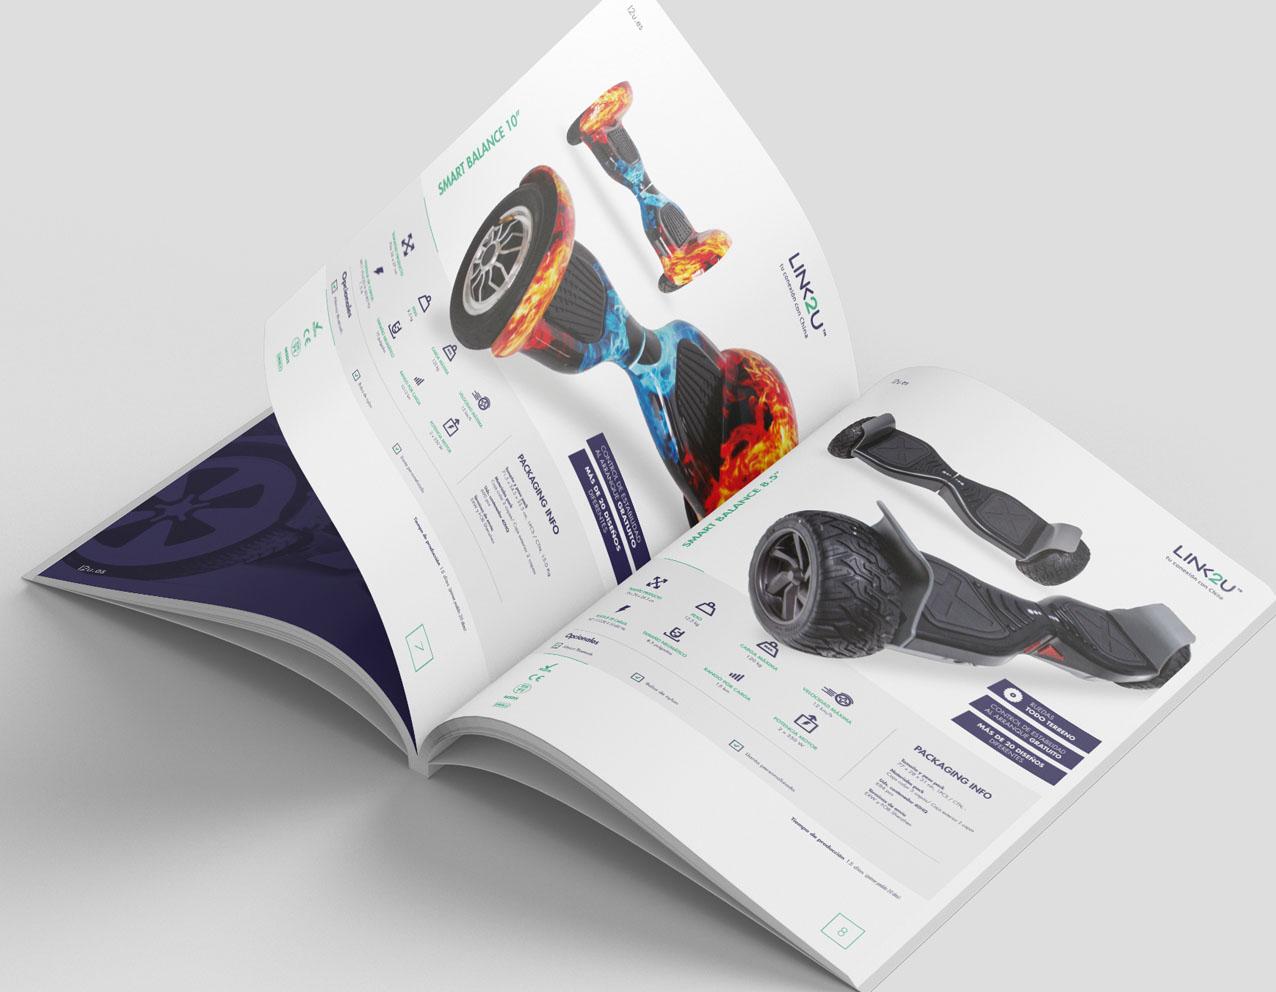 diseño editorial de catalogo de producto diseño grafico freelance aicante